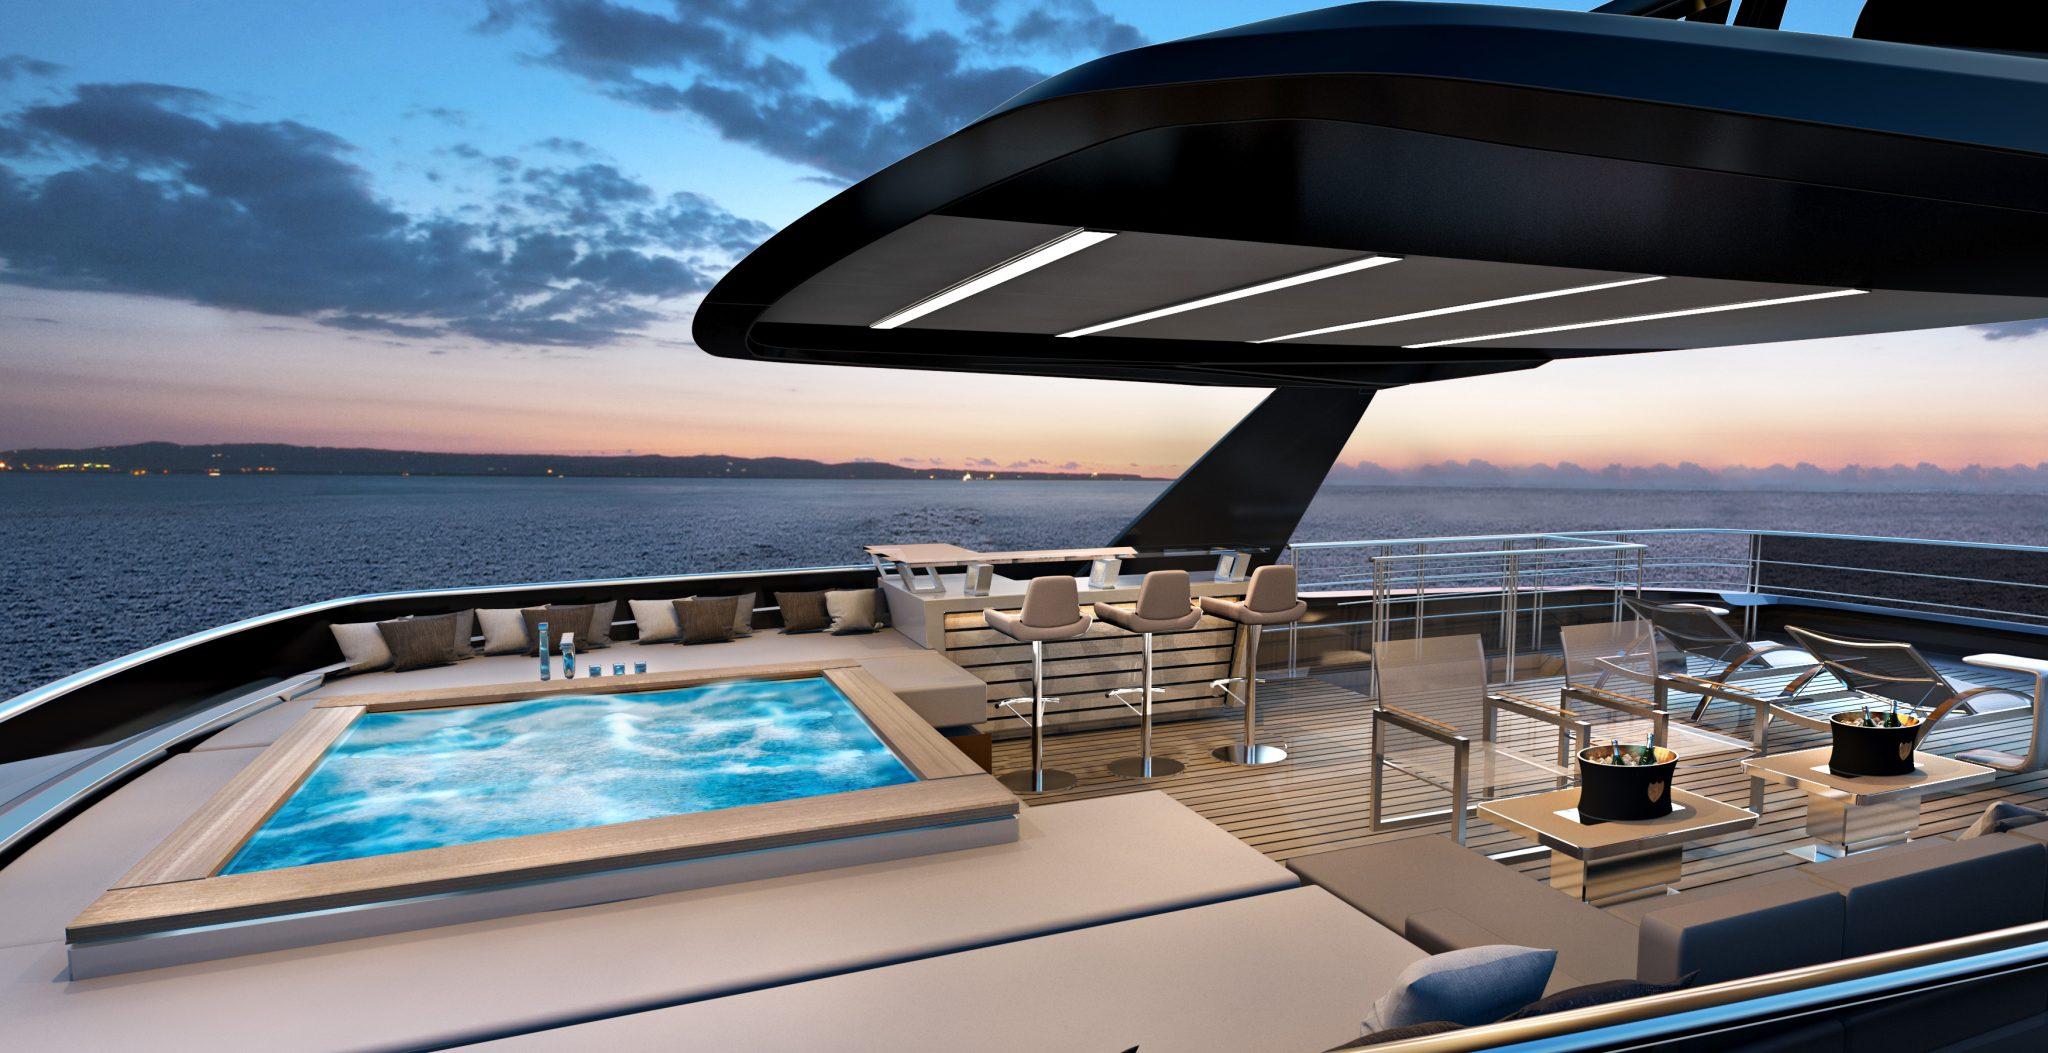 Ducale 118 Navetta Style Explorer Yacht Sundeck Render